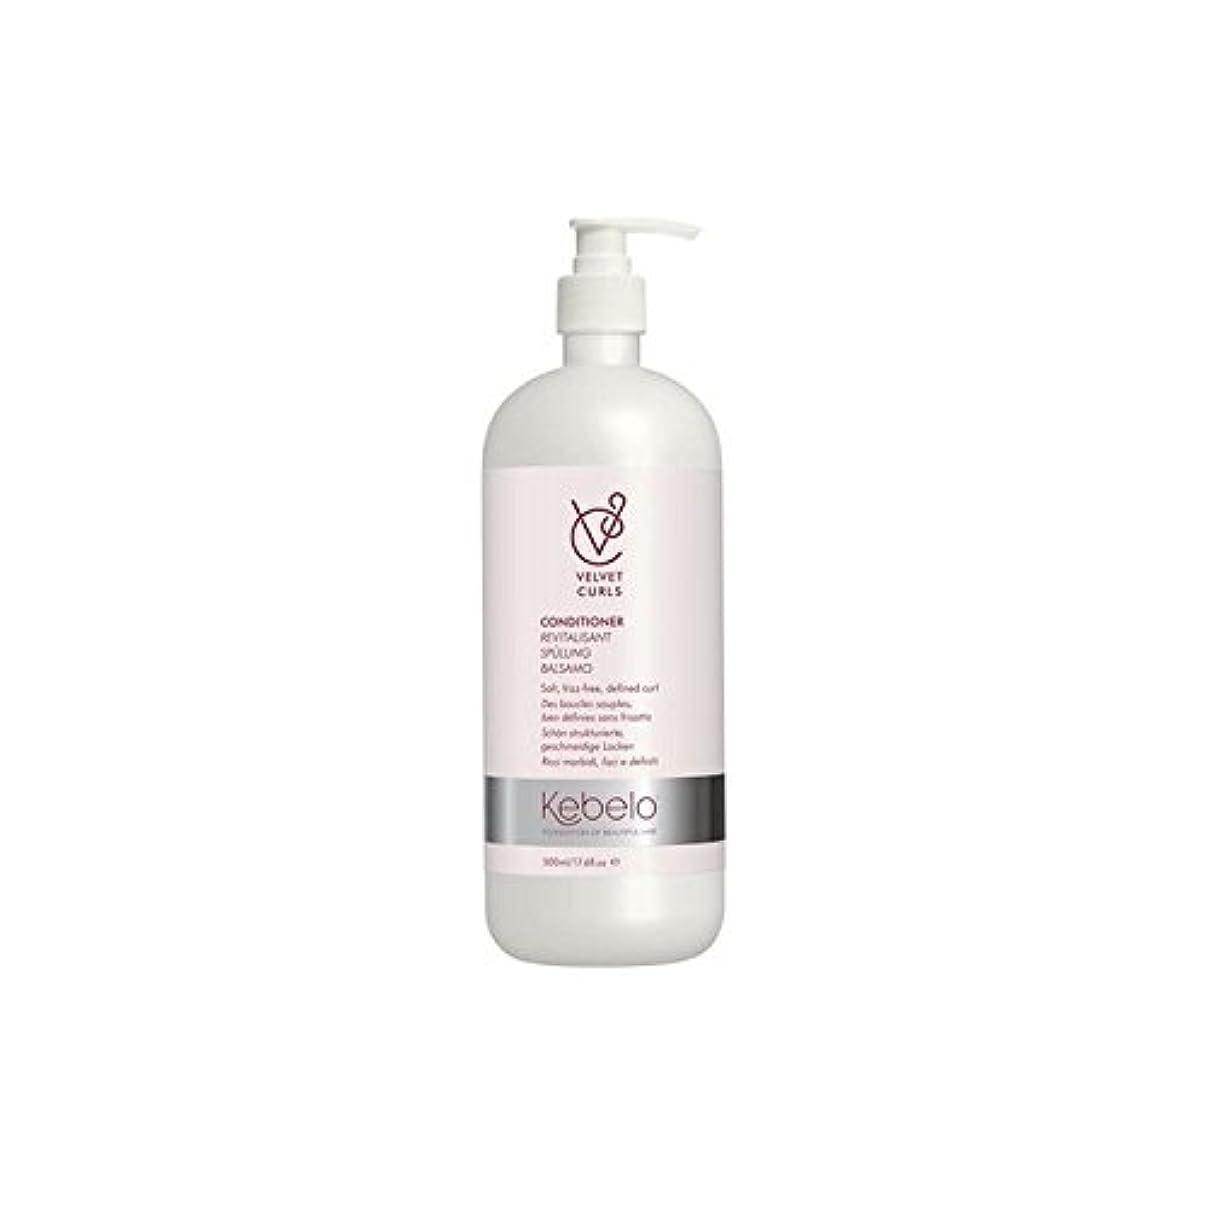 深いモットー改善Kebelo Velvet Curls Conditioner (500ml) - ベルベットのカールコンディショナー(500ミリリットル) [並行輸入品]